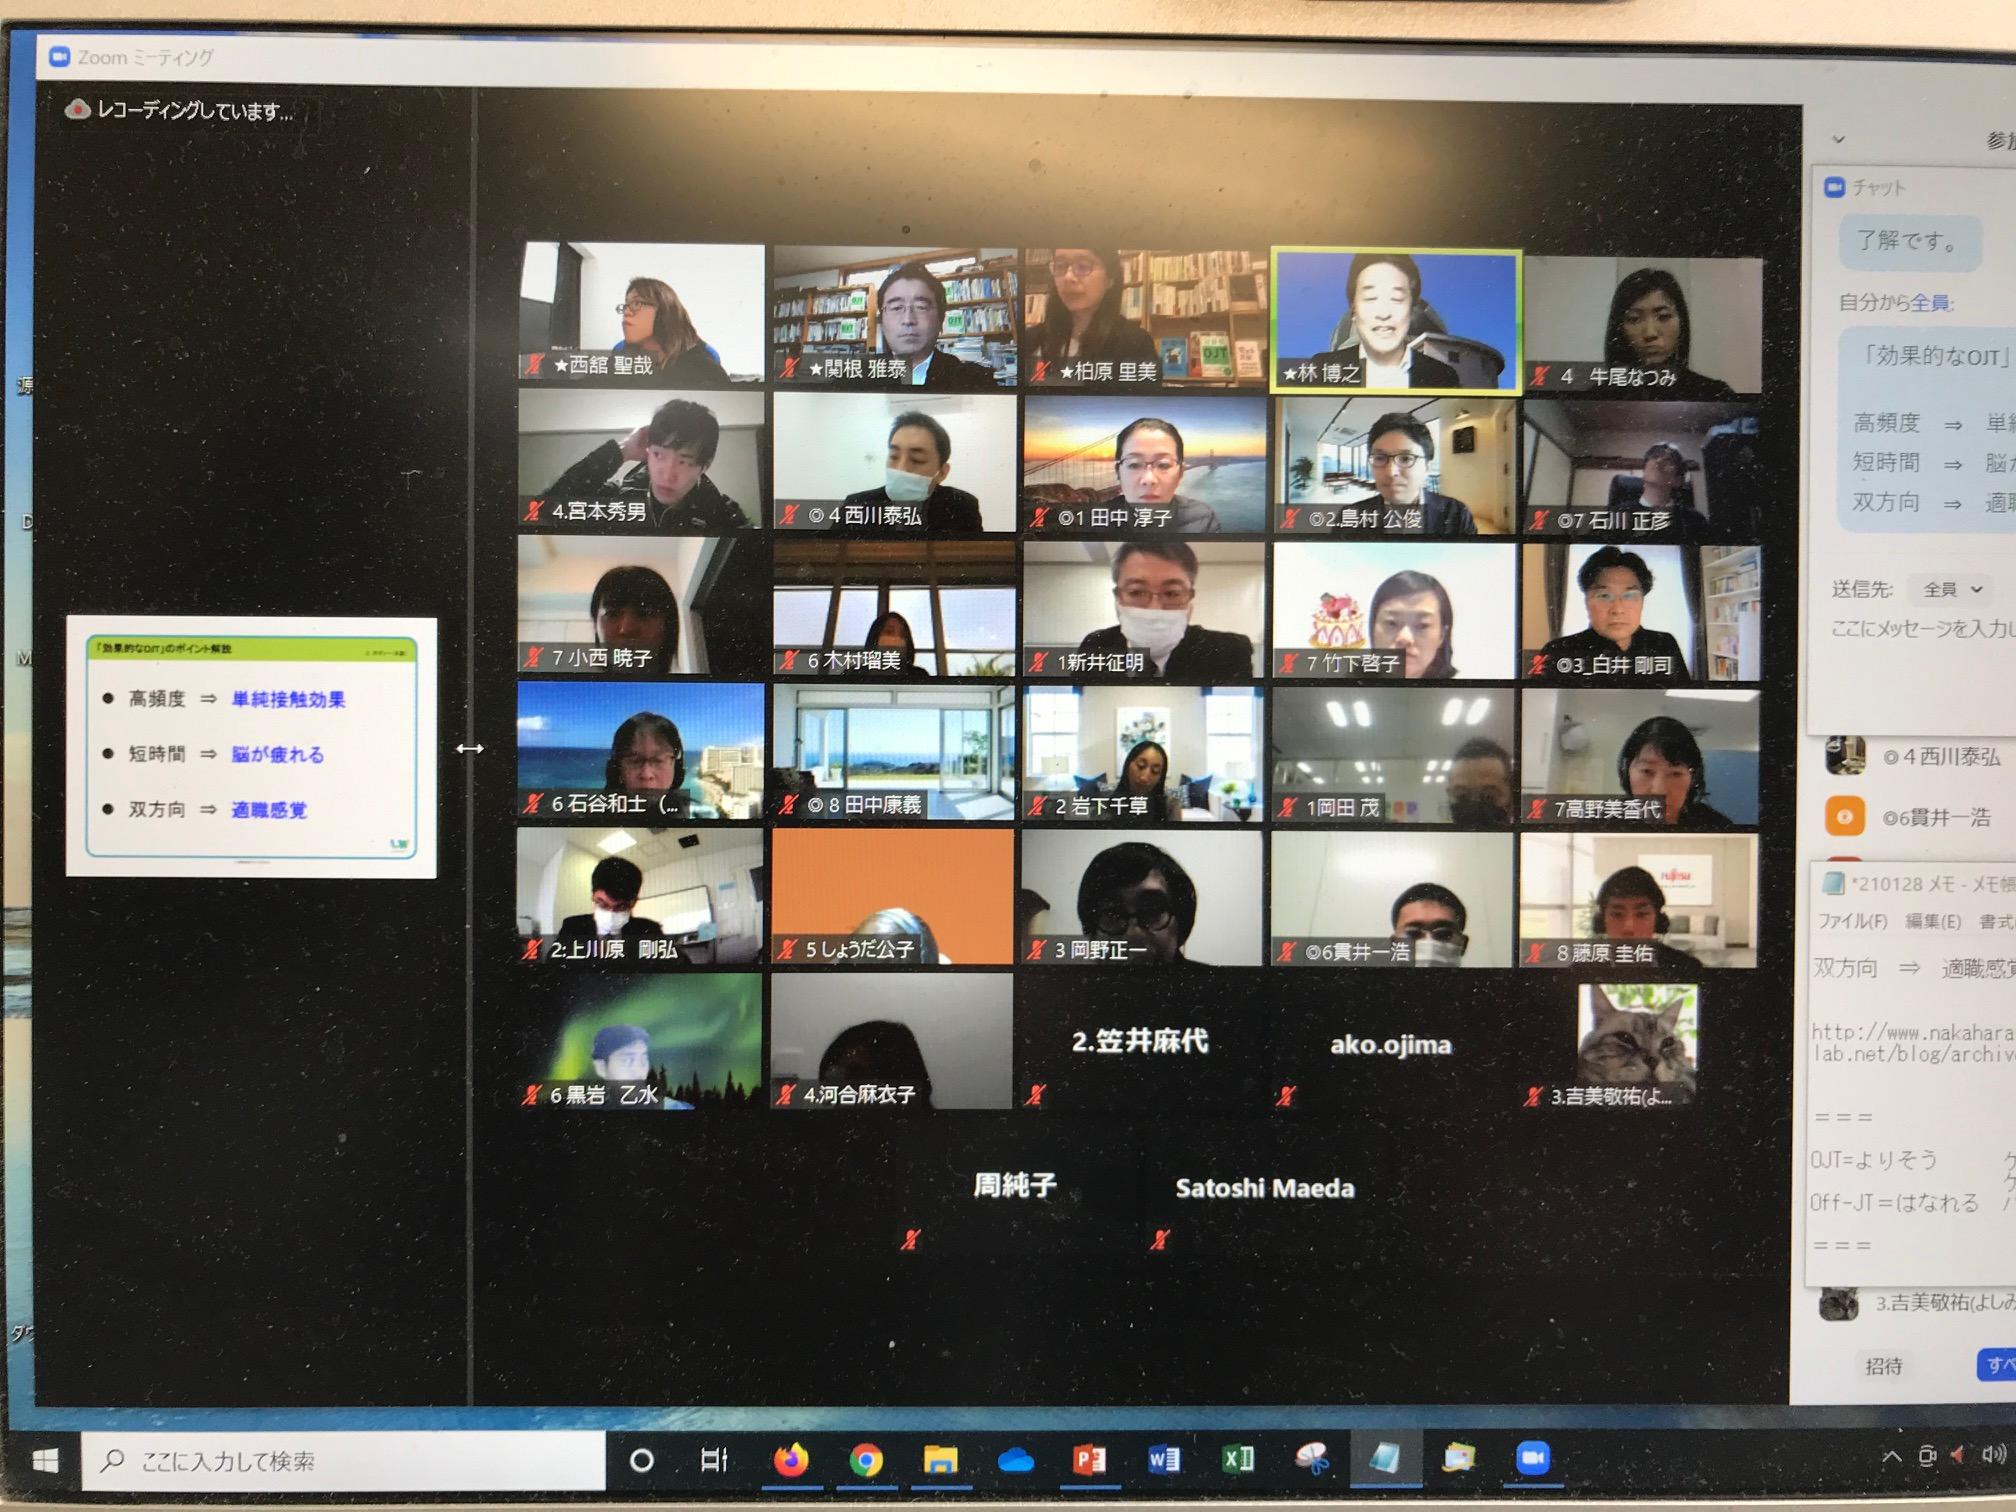 『対話型OJT』出版記念セミナーを開催しました!